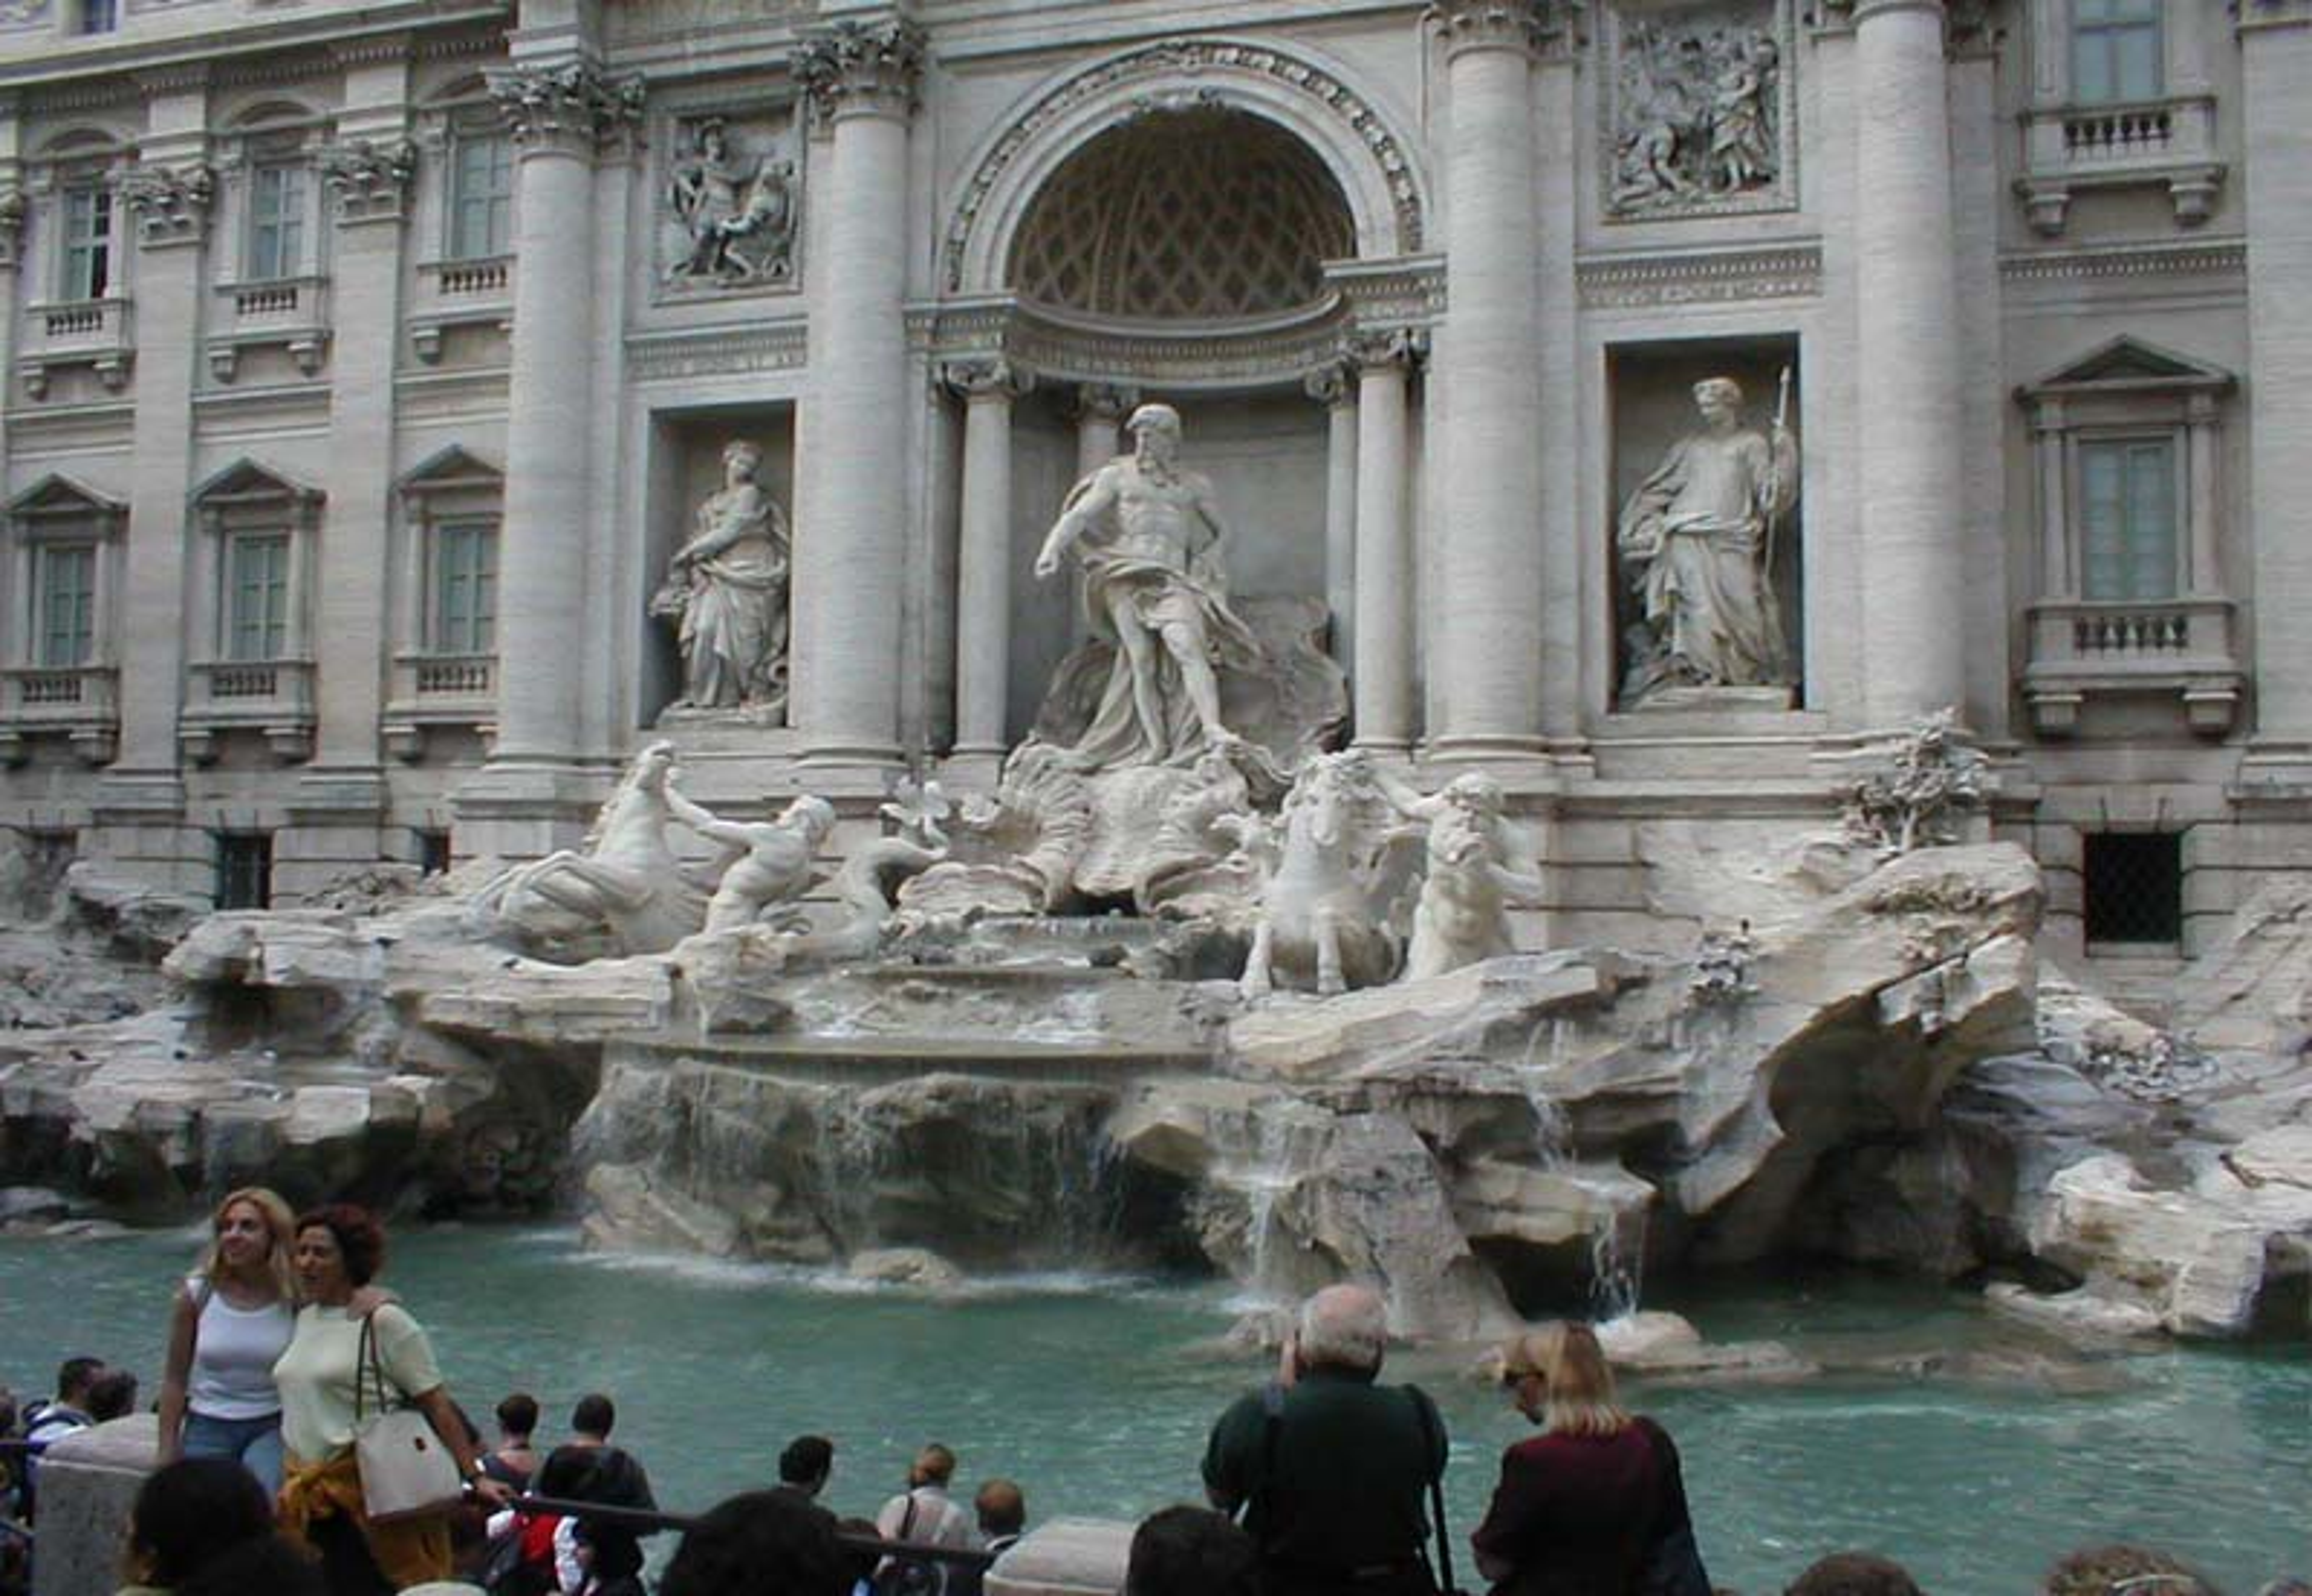 Řím - Fontana di Trevo